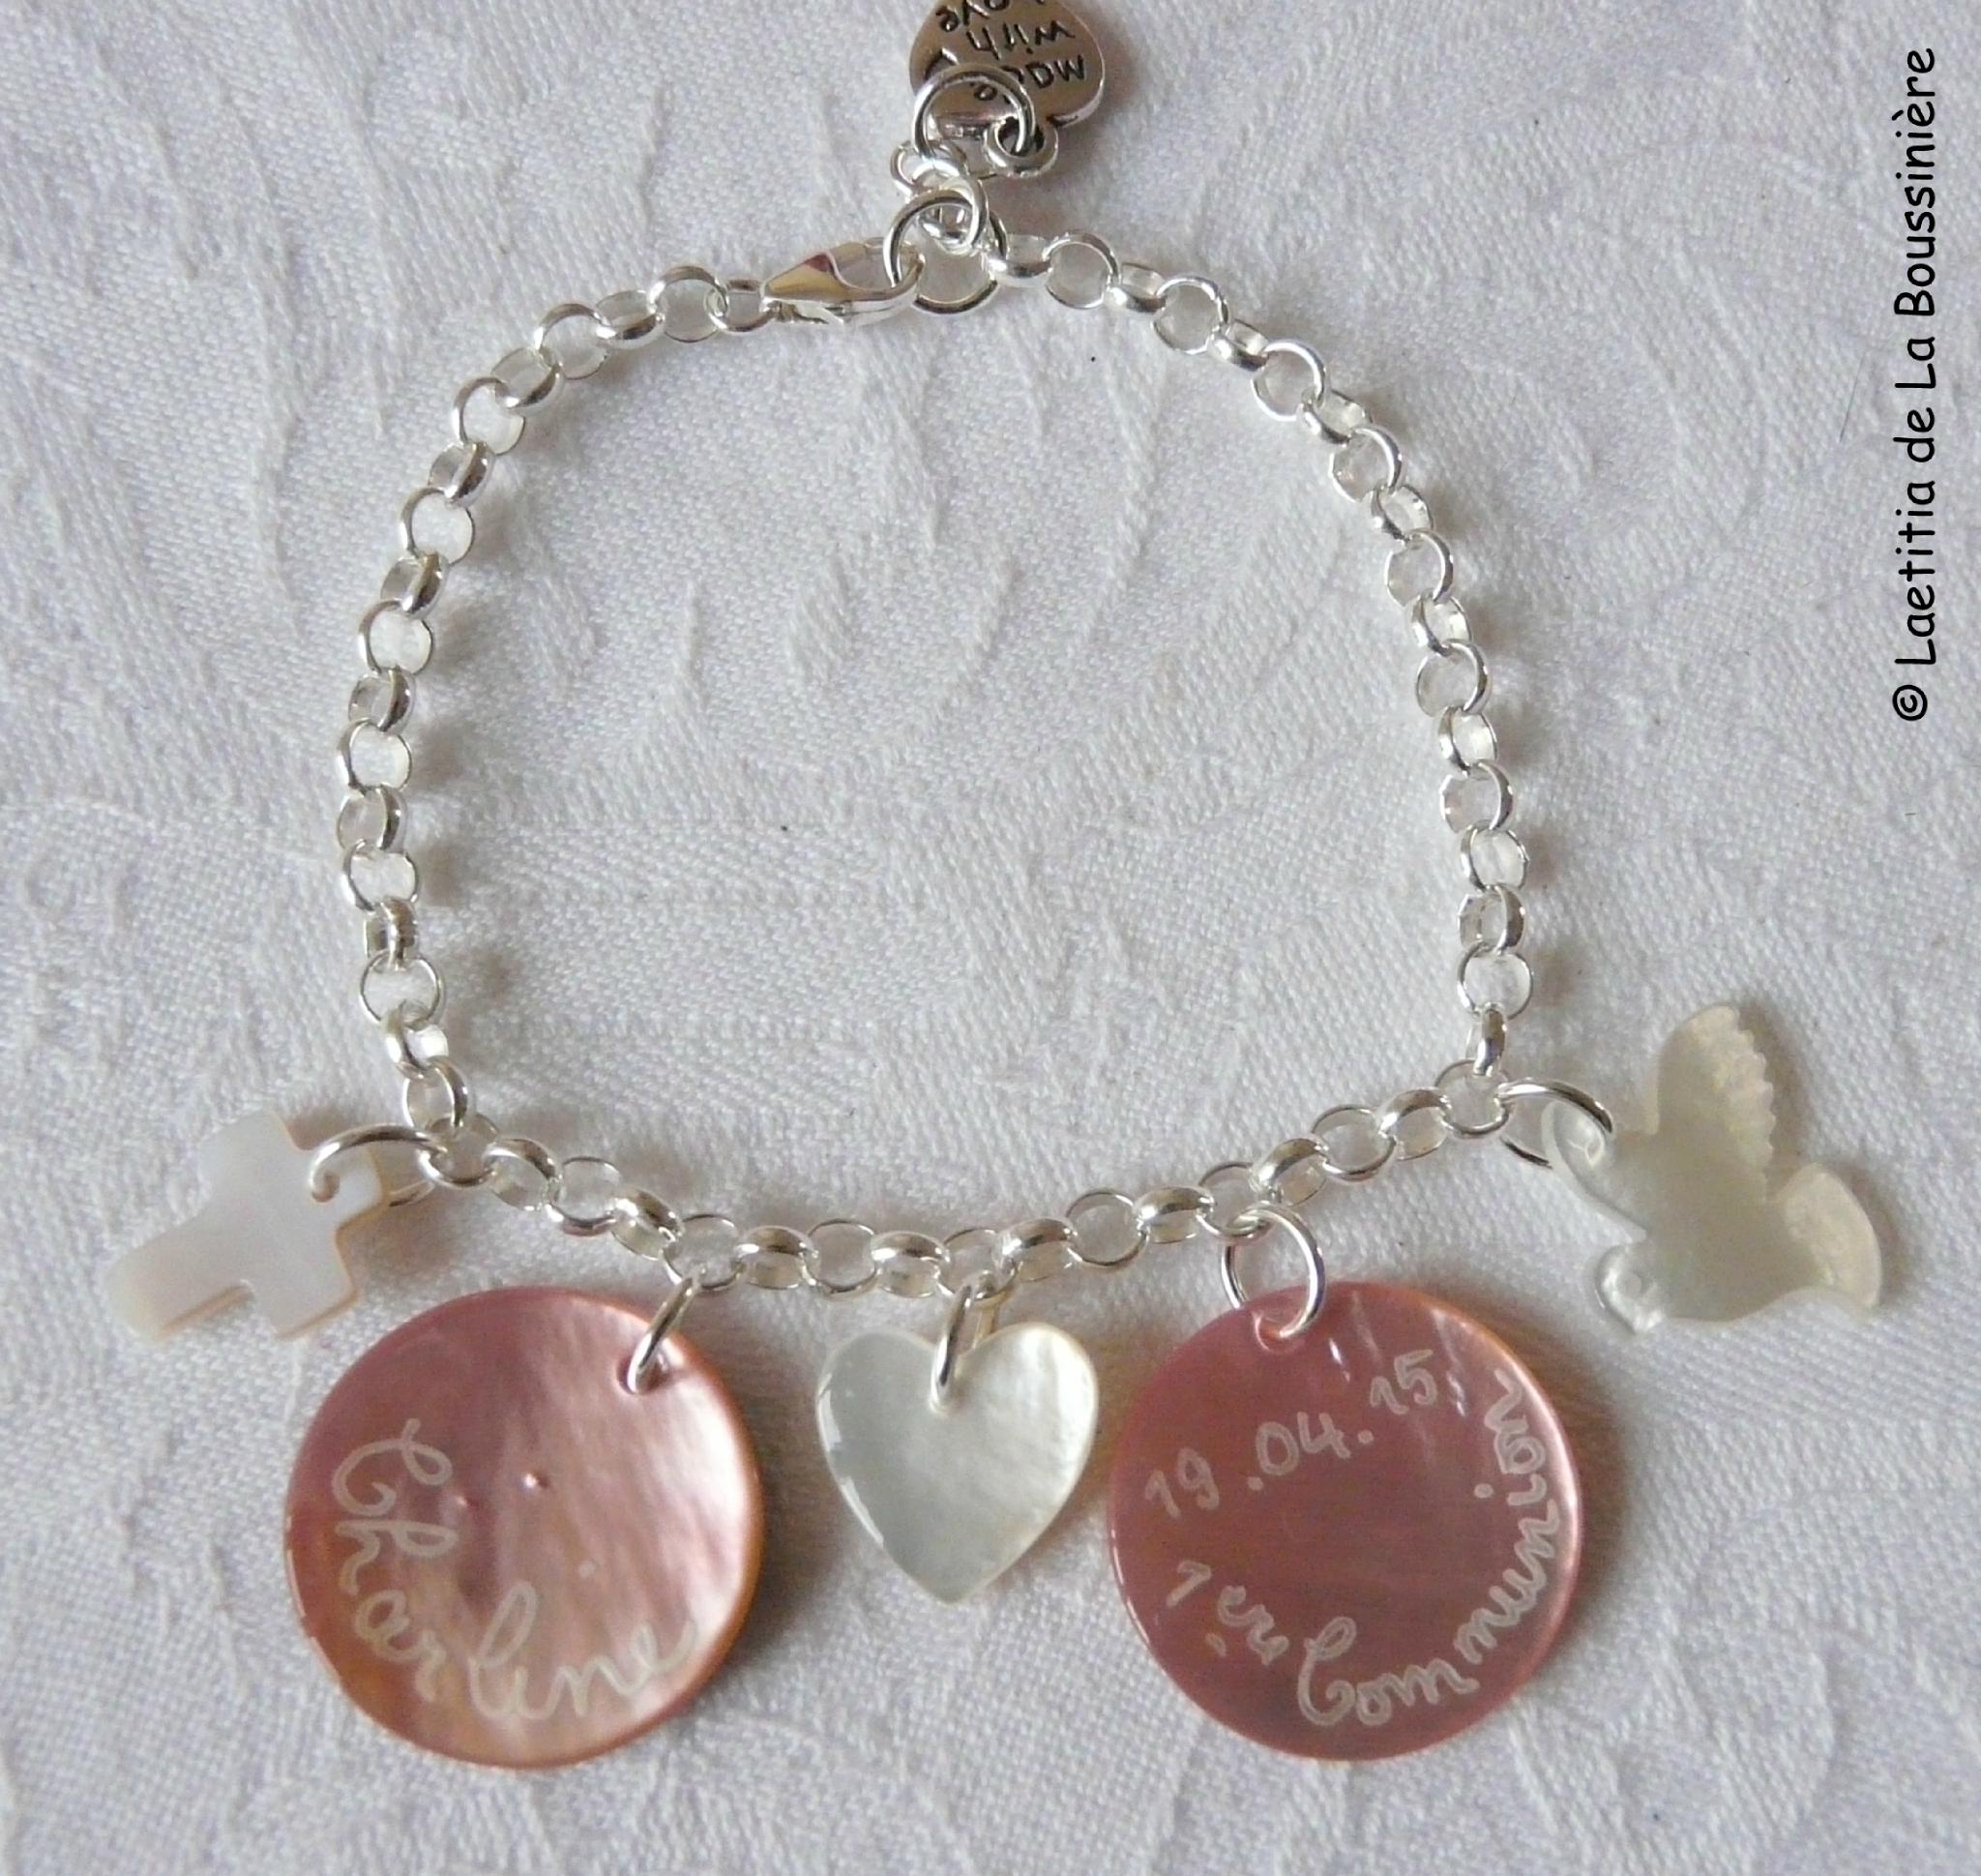 Bracelet sur chaîne argent massif médailles et mini pendentifs en nacre